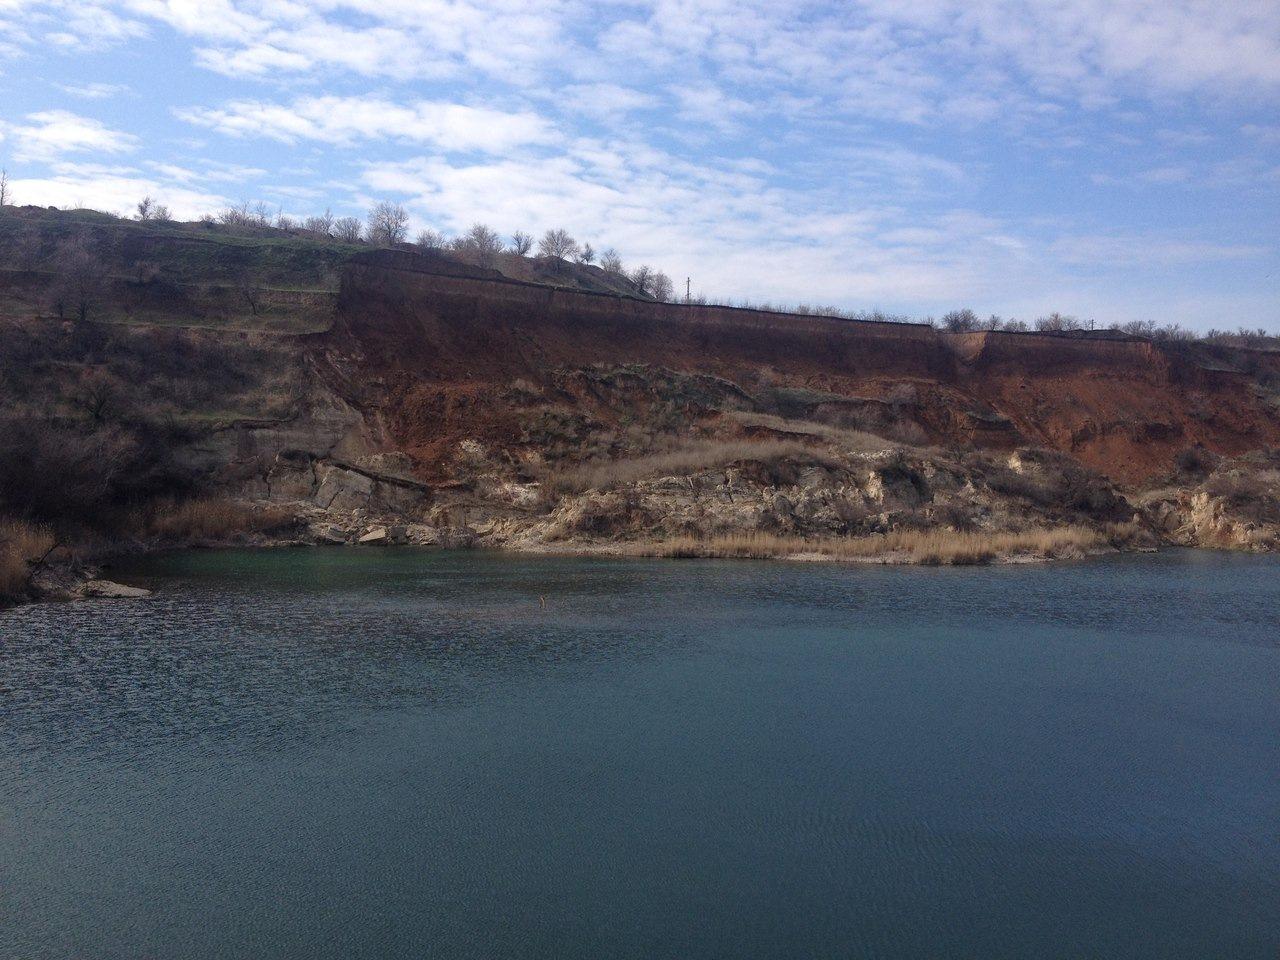 кондитерское ремесло фото новошахтинский каньон ушел семьи появился